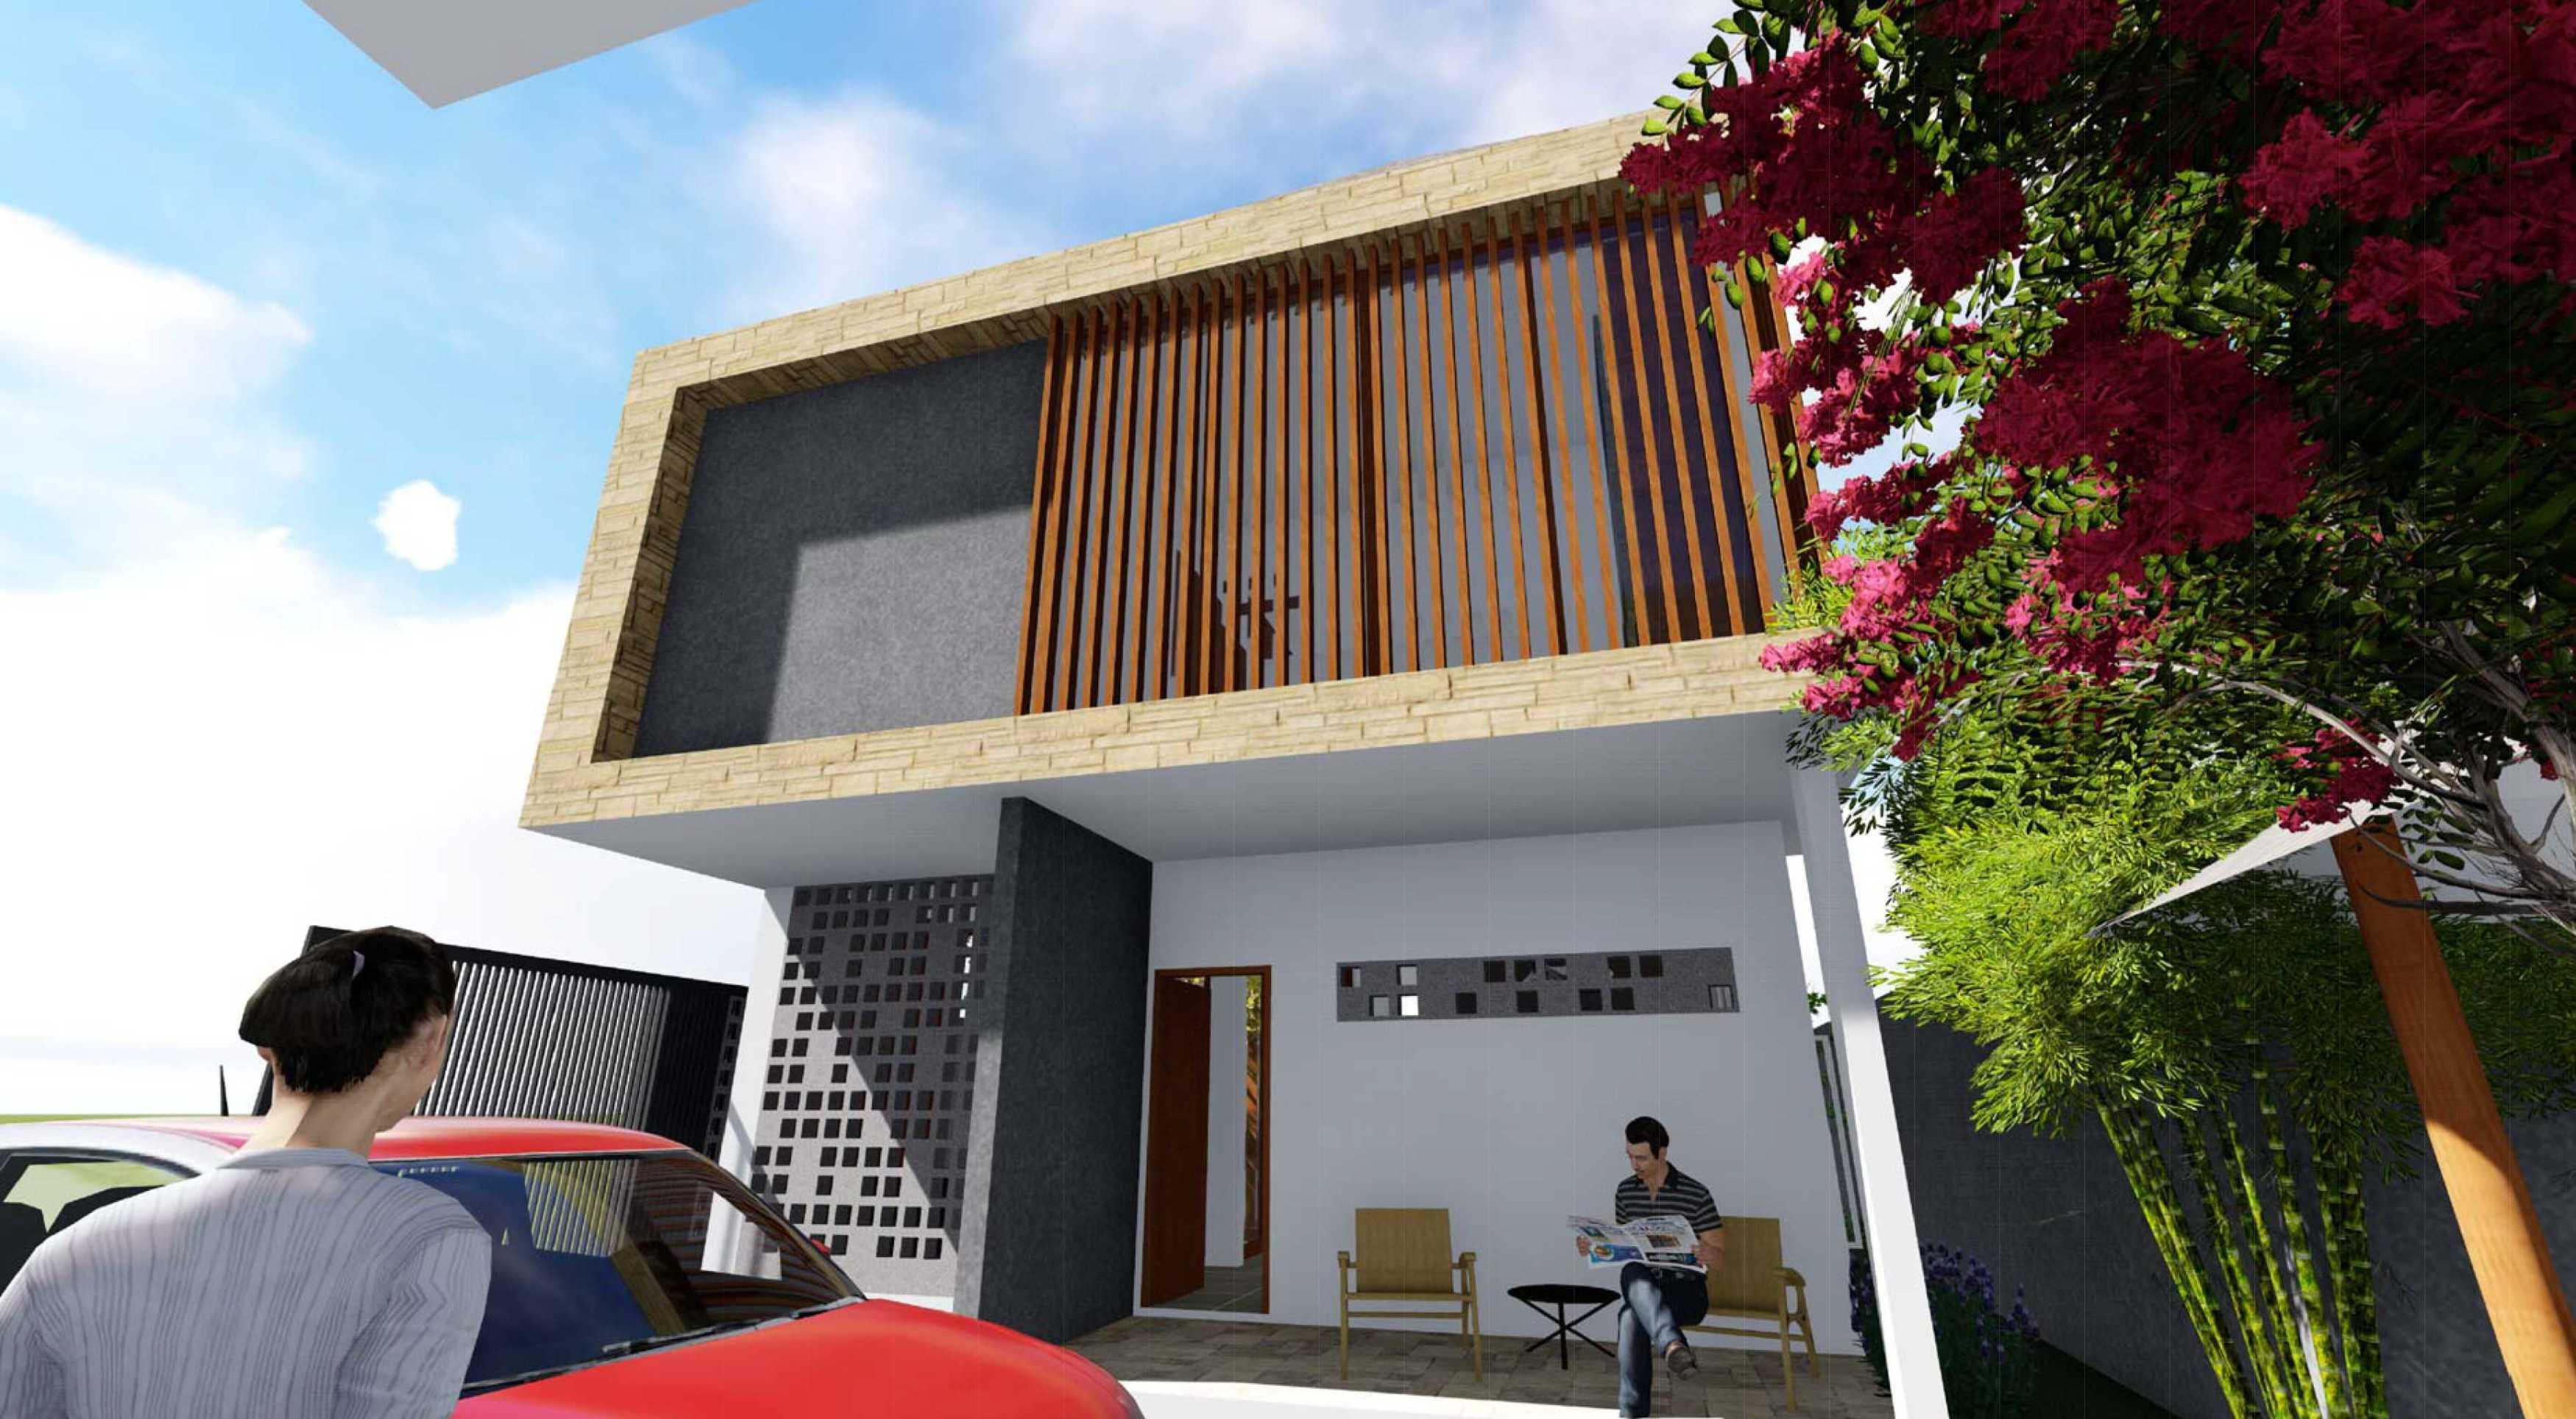 Hizkia Firsto Giovanni Griya Kirana Jakarta Jakarta Terrace  Pintu Masuk Utama.  Minim Bukaan Besar Untuk Menghindari Panas Matahari Barat. Banyak Lubang Udara Untuk Cross Ventilasi. 21415